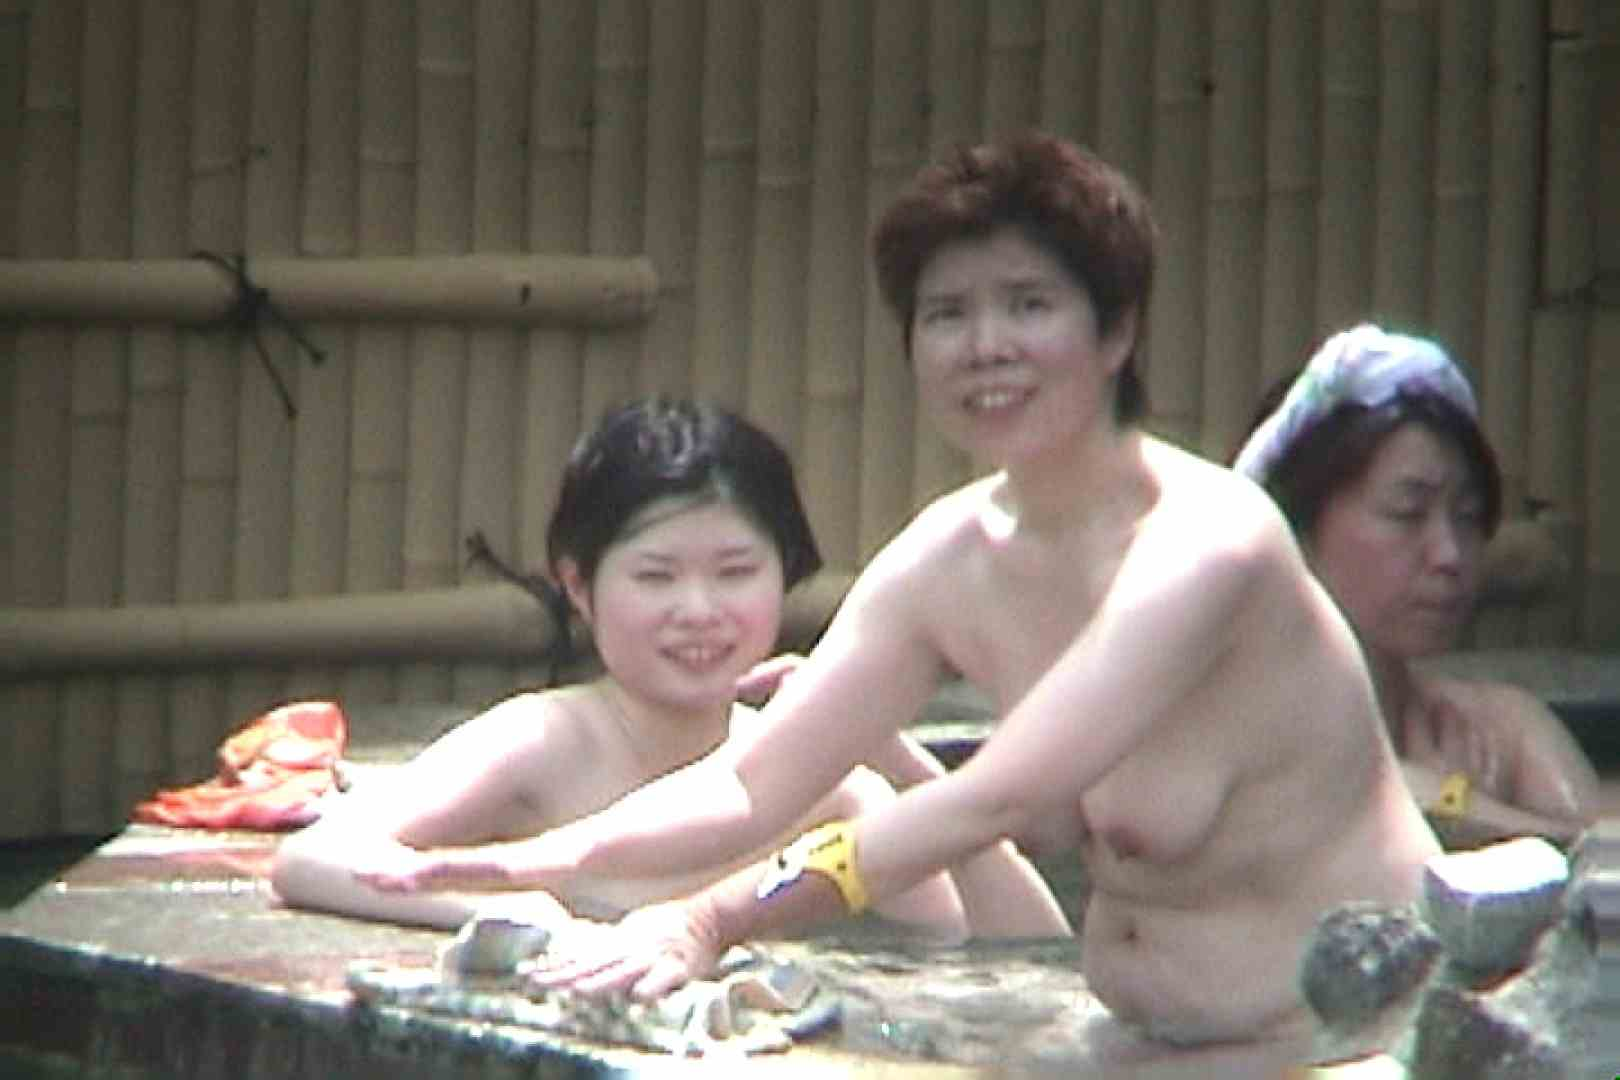 Aquaな露天風呂Vol.54【VIP限定】 盗撮シリーズ  96PIX 46